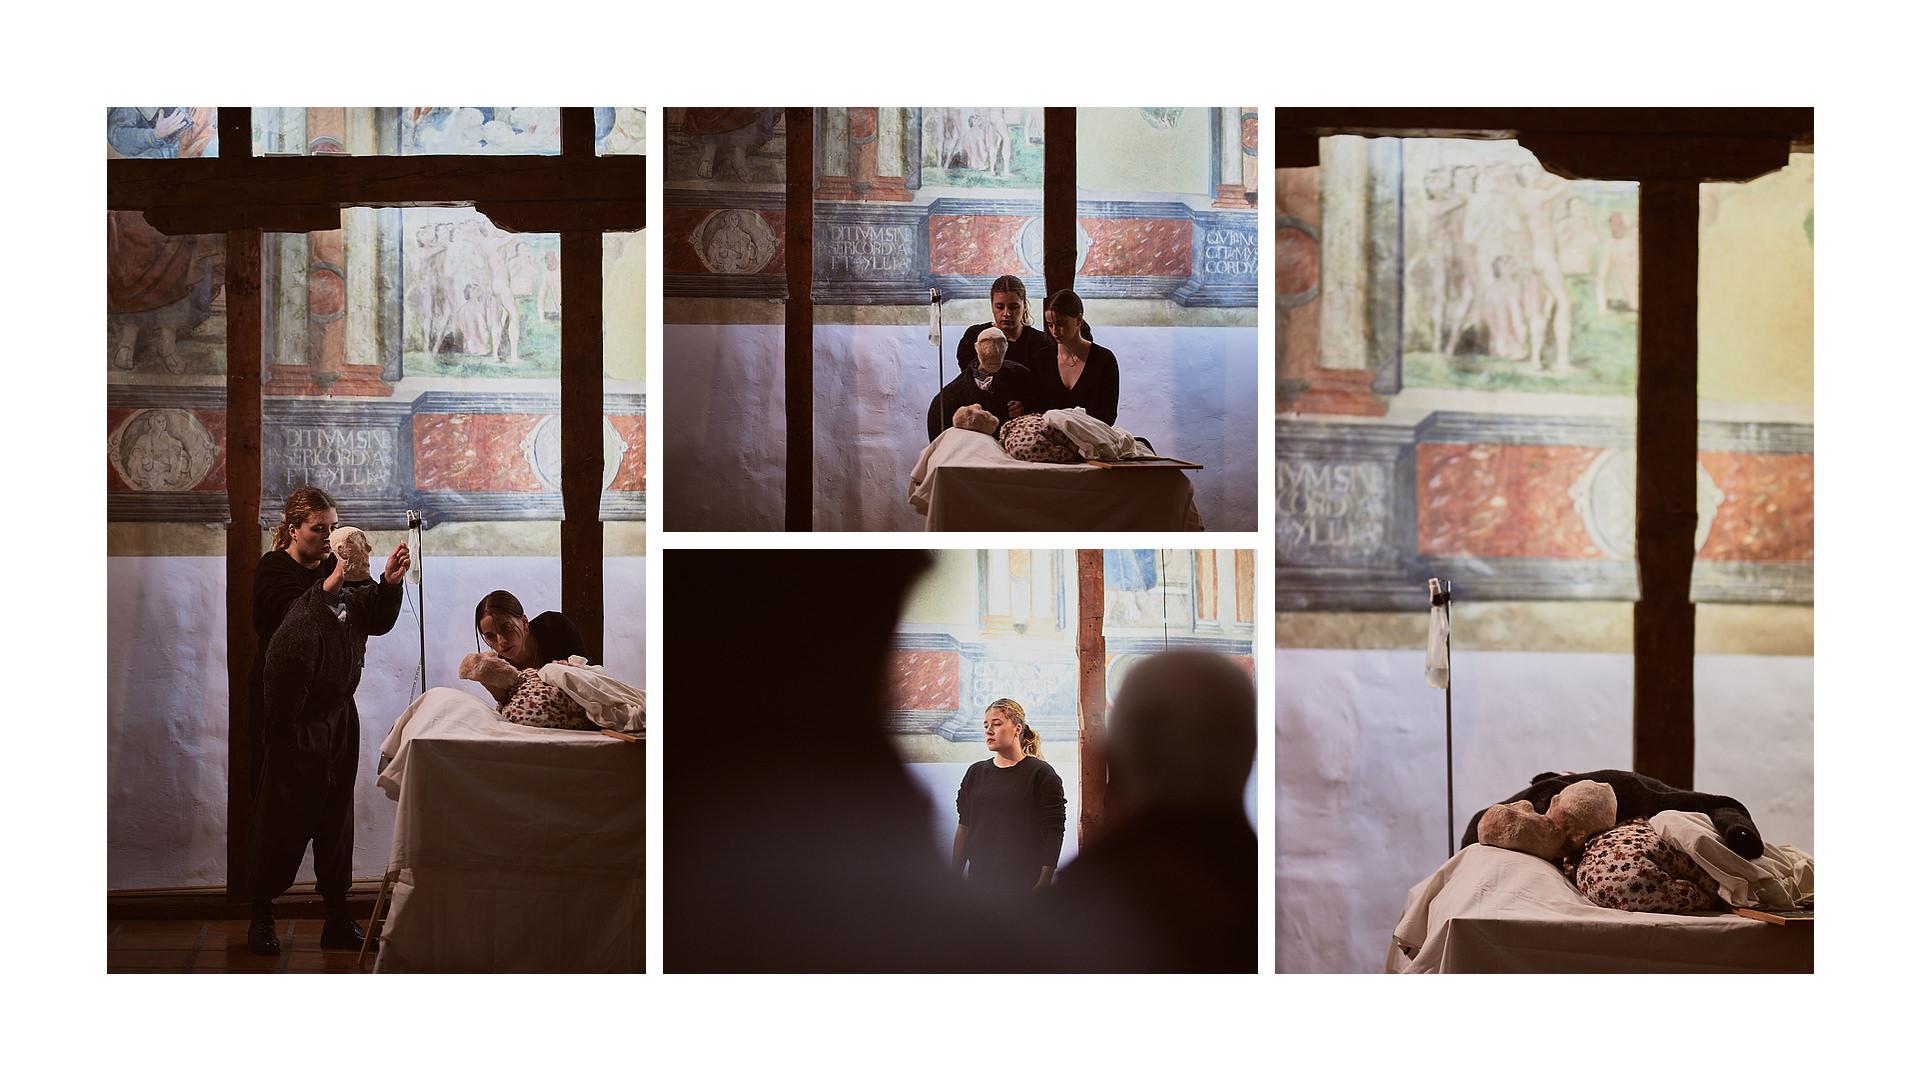 El último acto de amor - Apolo Toledo - José Álvarez Fotografía